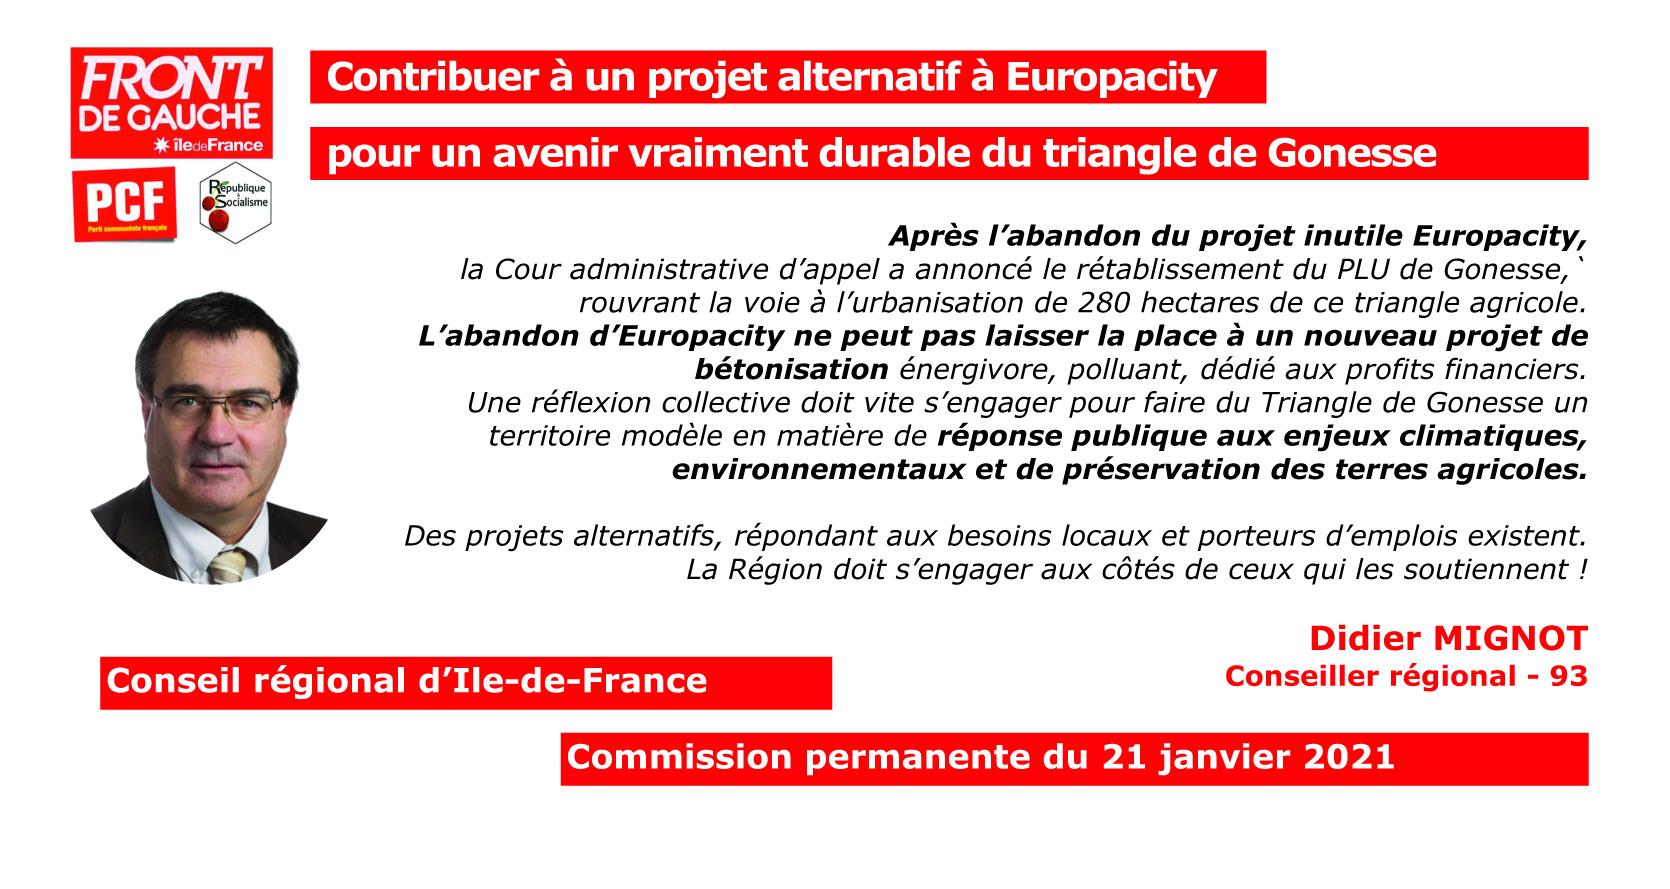 DIDIER Contribuer à un projet alternatif à Europacity